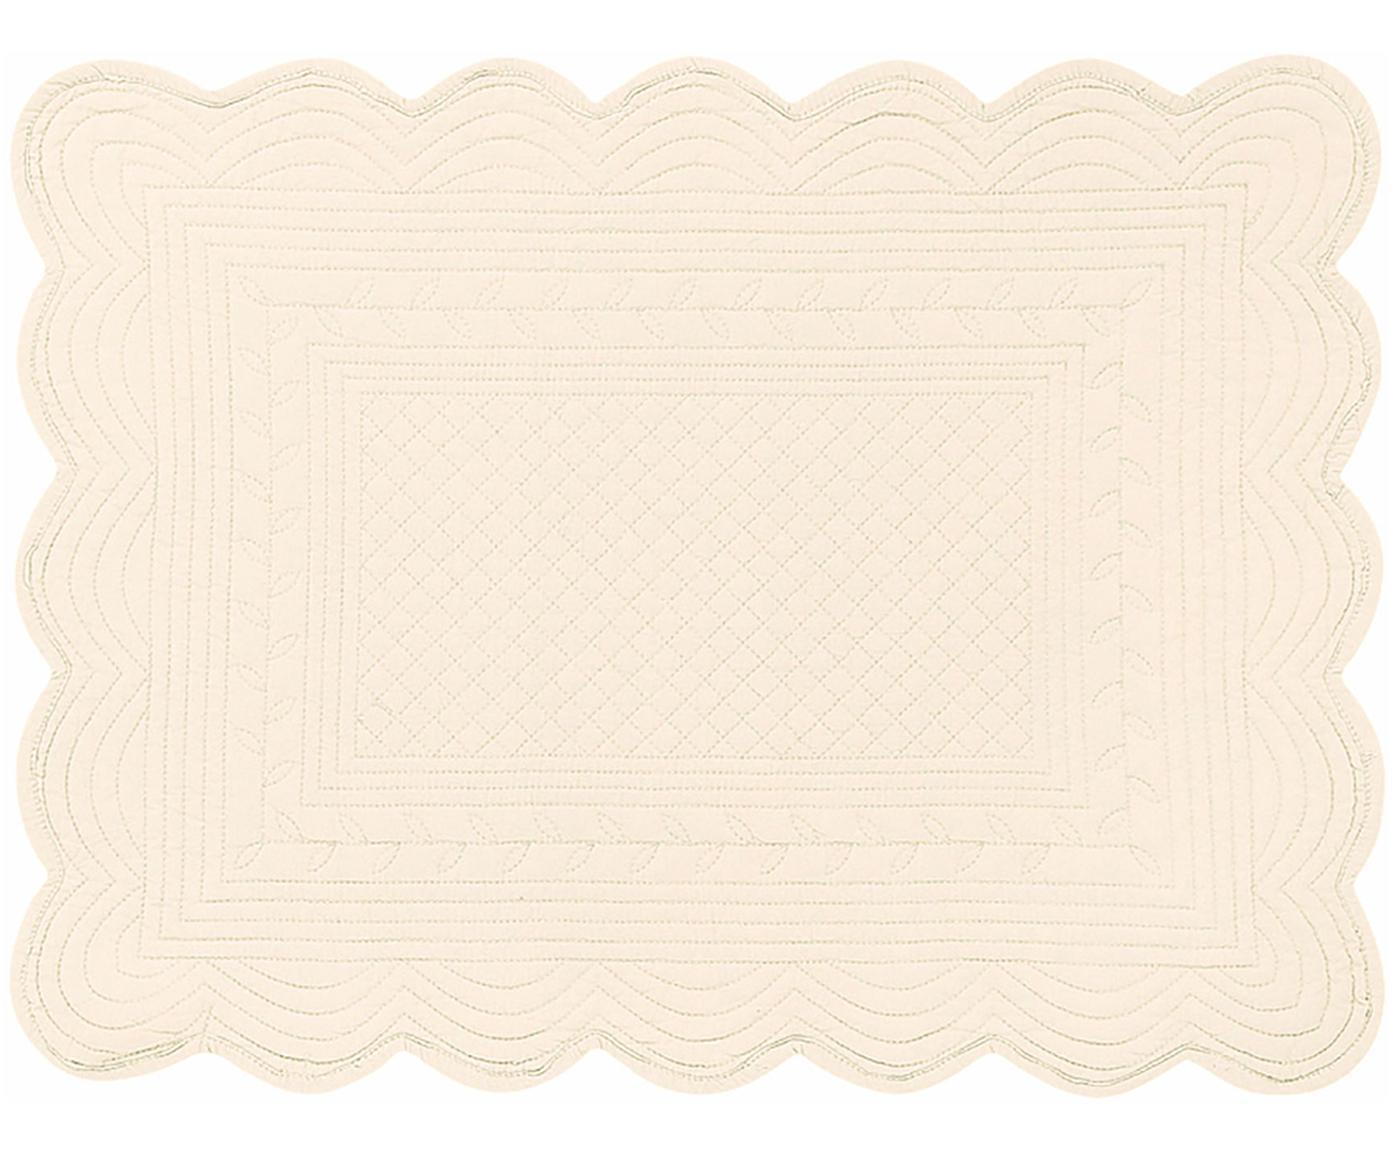 Placemats Boutis, 6 stuks, Katoen, Ivoorkleurig, 34 x 48 cm